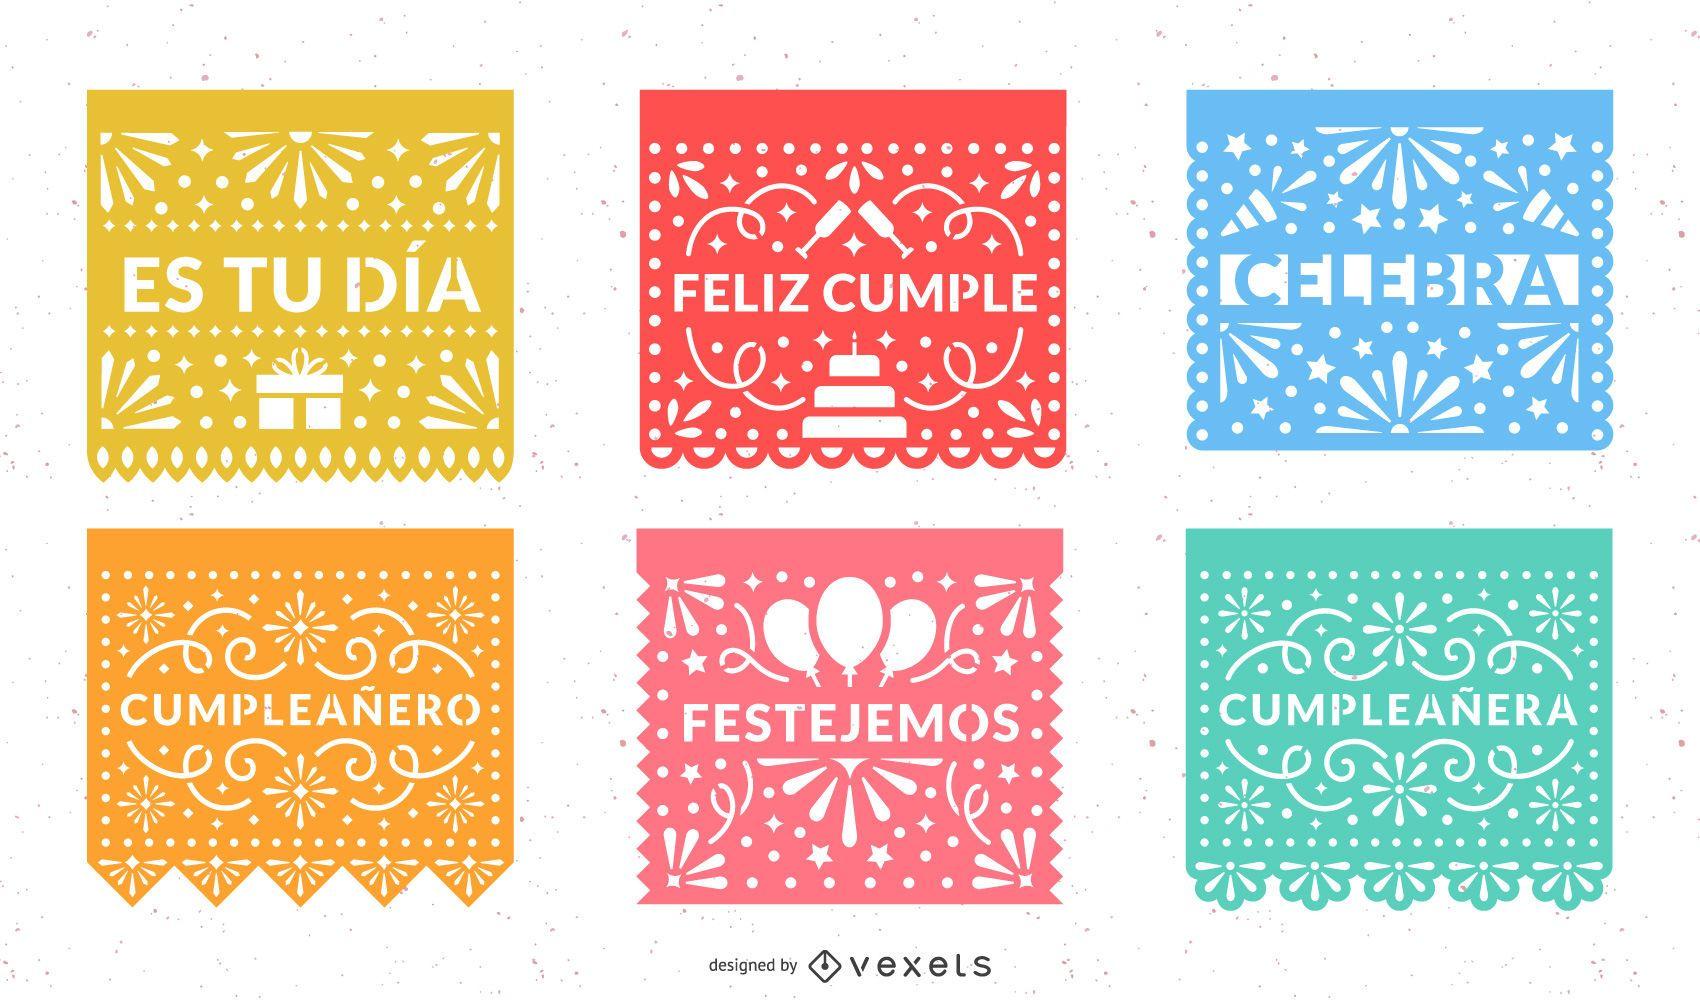 Conjunto de Design de Festa Papel Picado